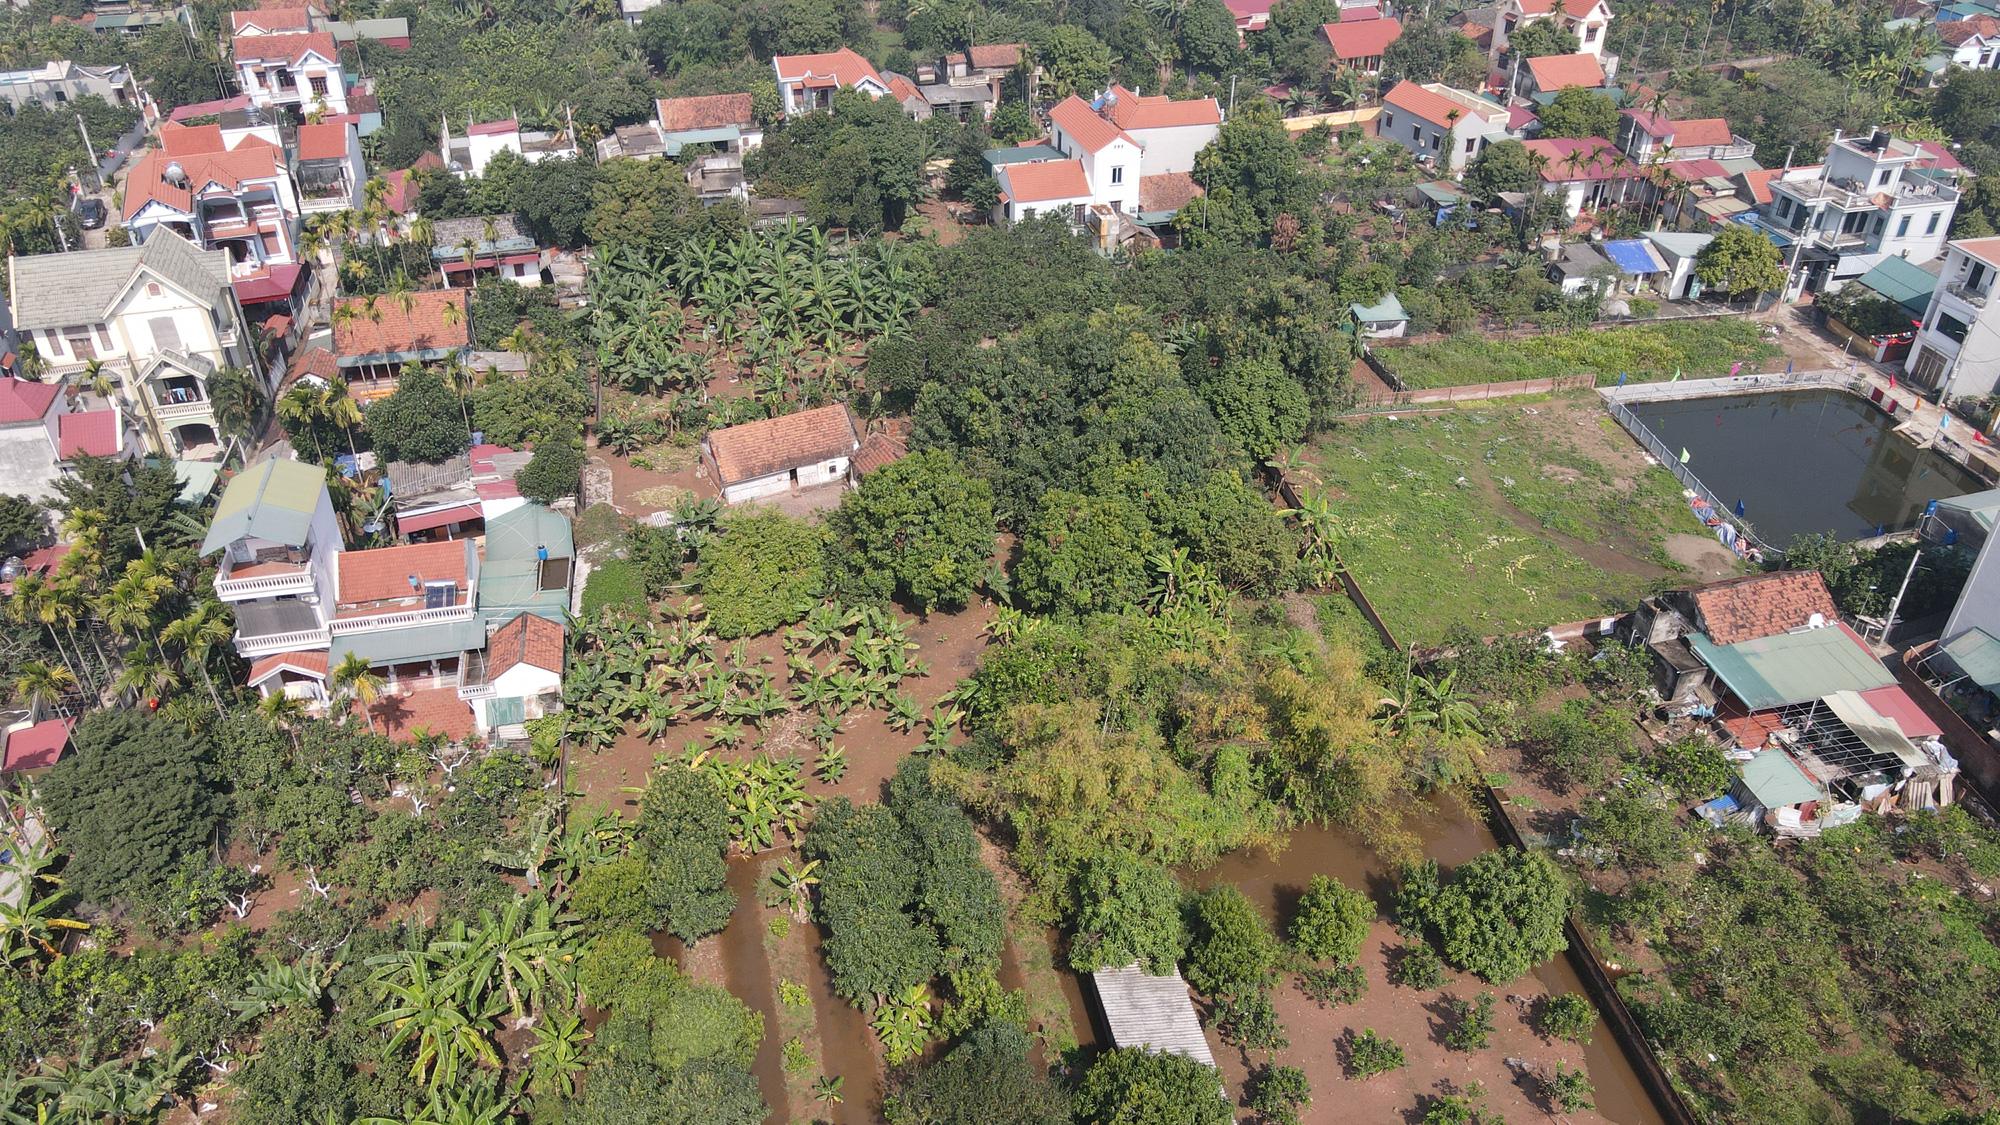 26 tỉnh, thành bị kiểm tra trách nhiệm quản lý đất đai - Ảnh 2.